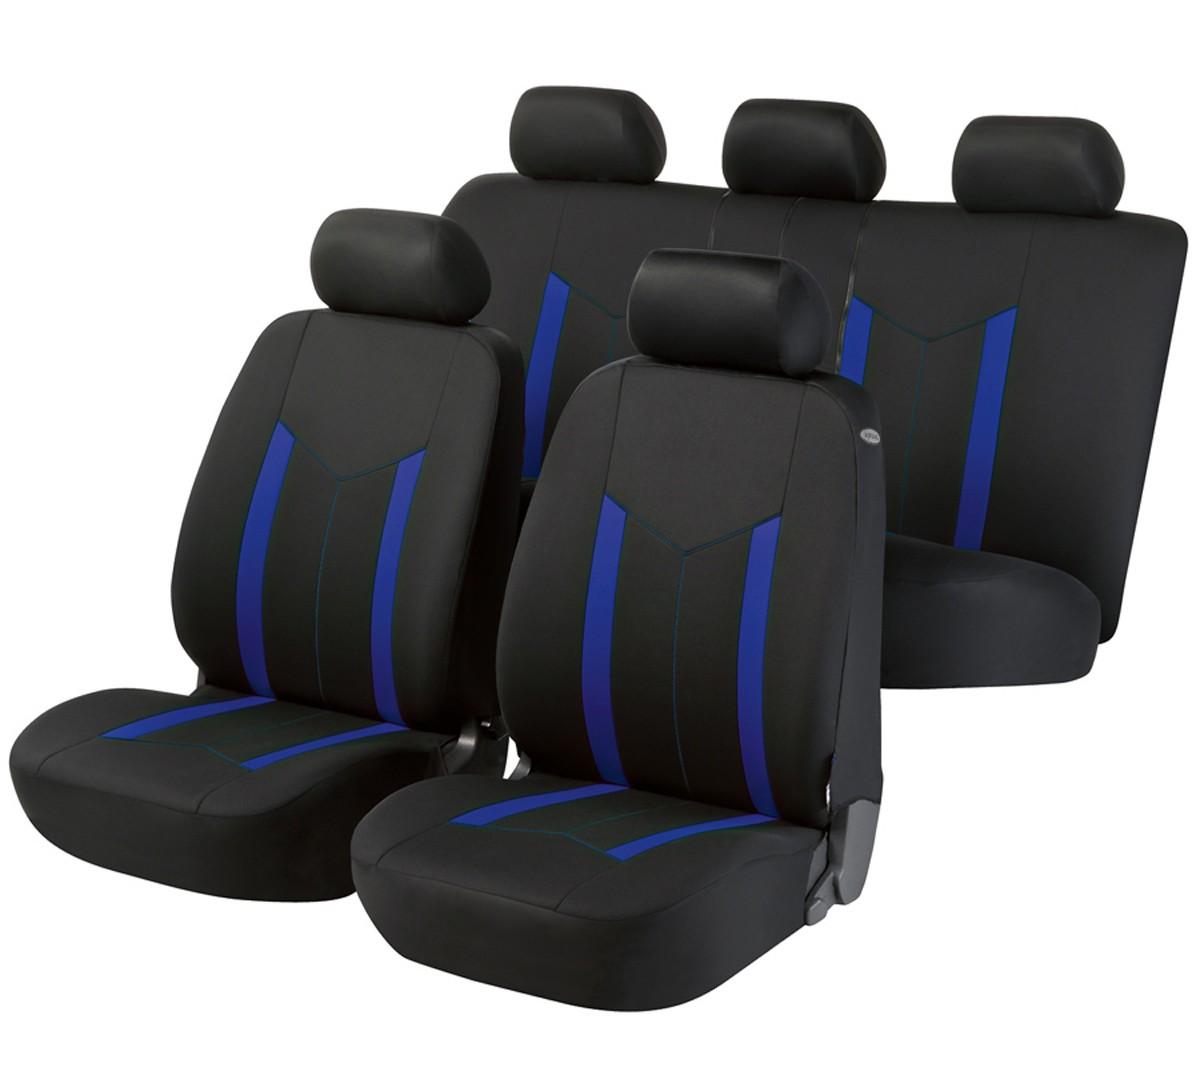 toyota landcruiser housse si ge auto kit complet noir bleu. Black Bedroom Furniture Sets. Home Design Ideas